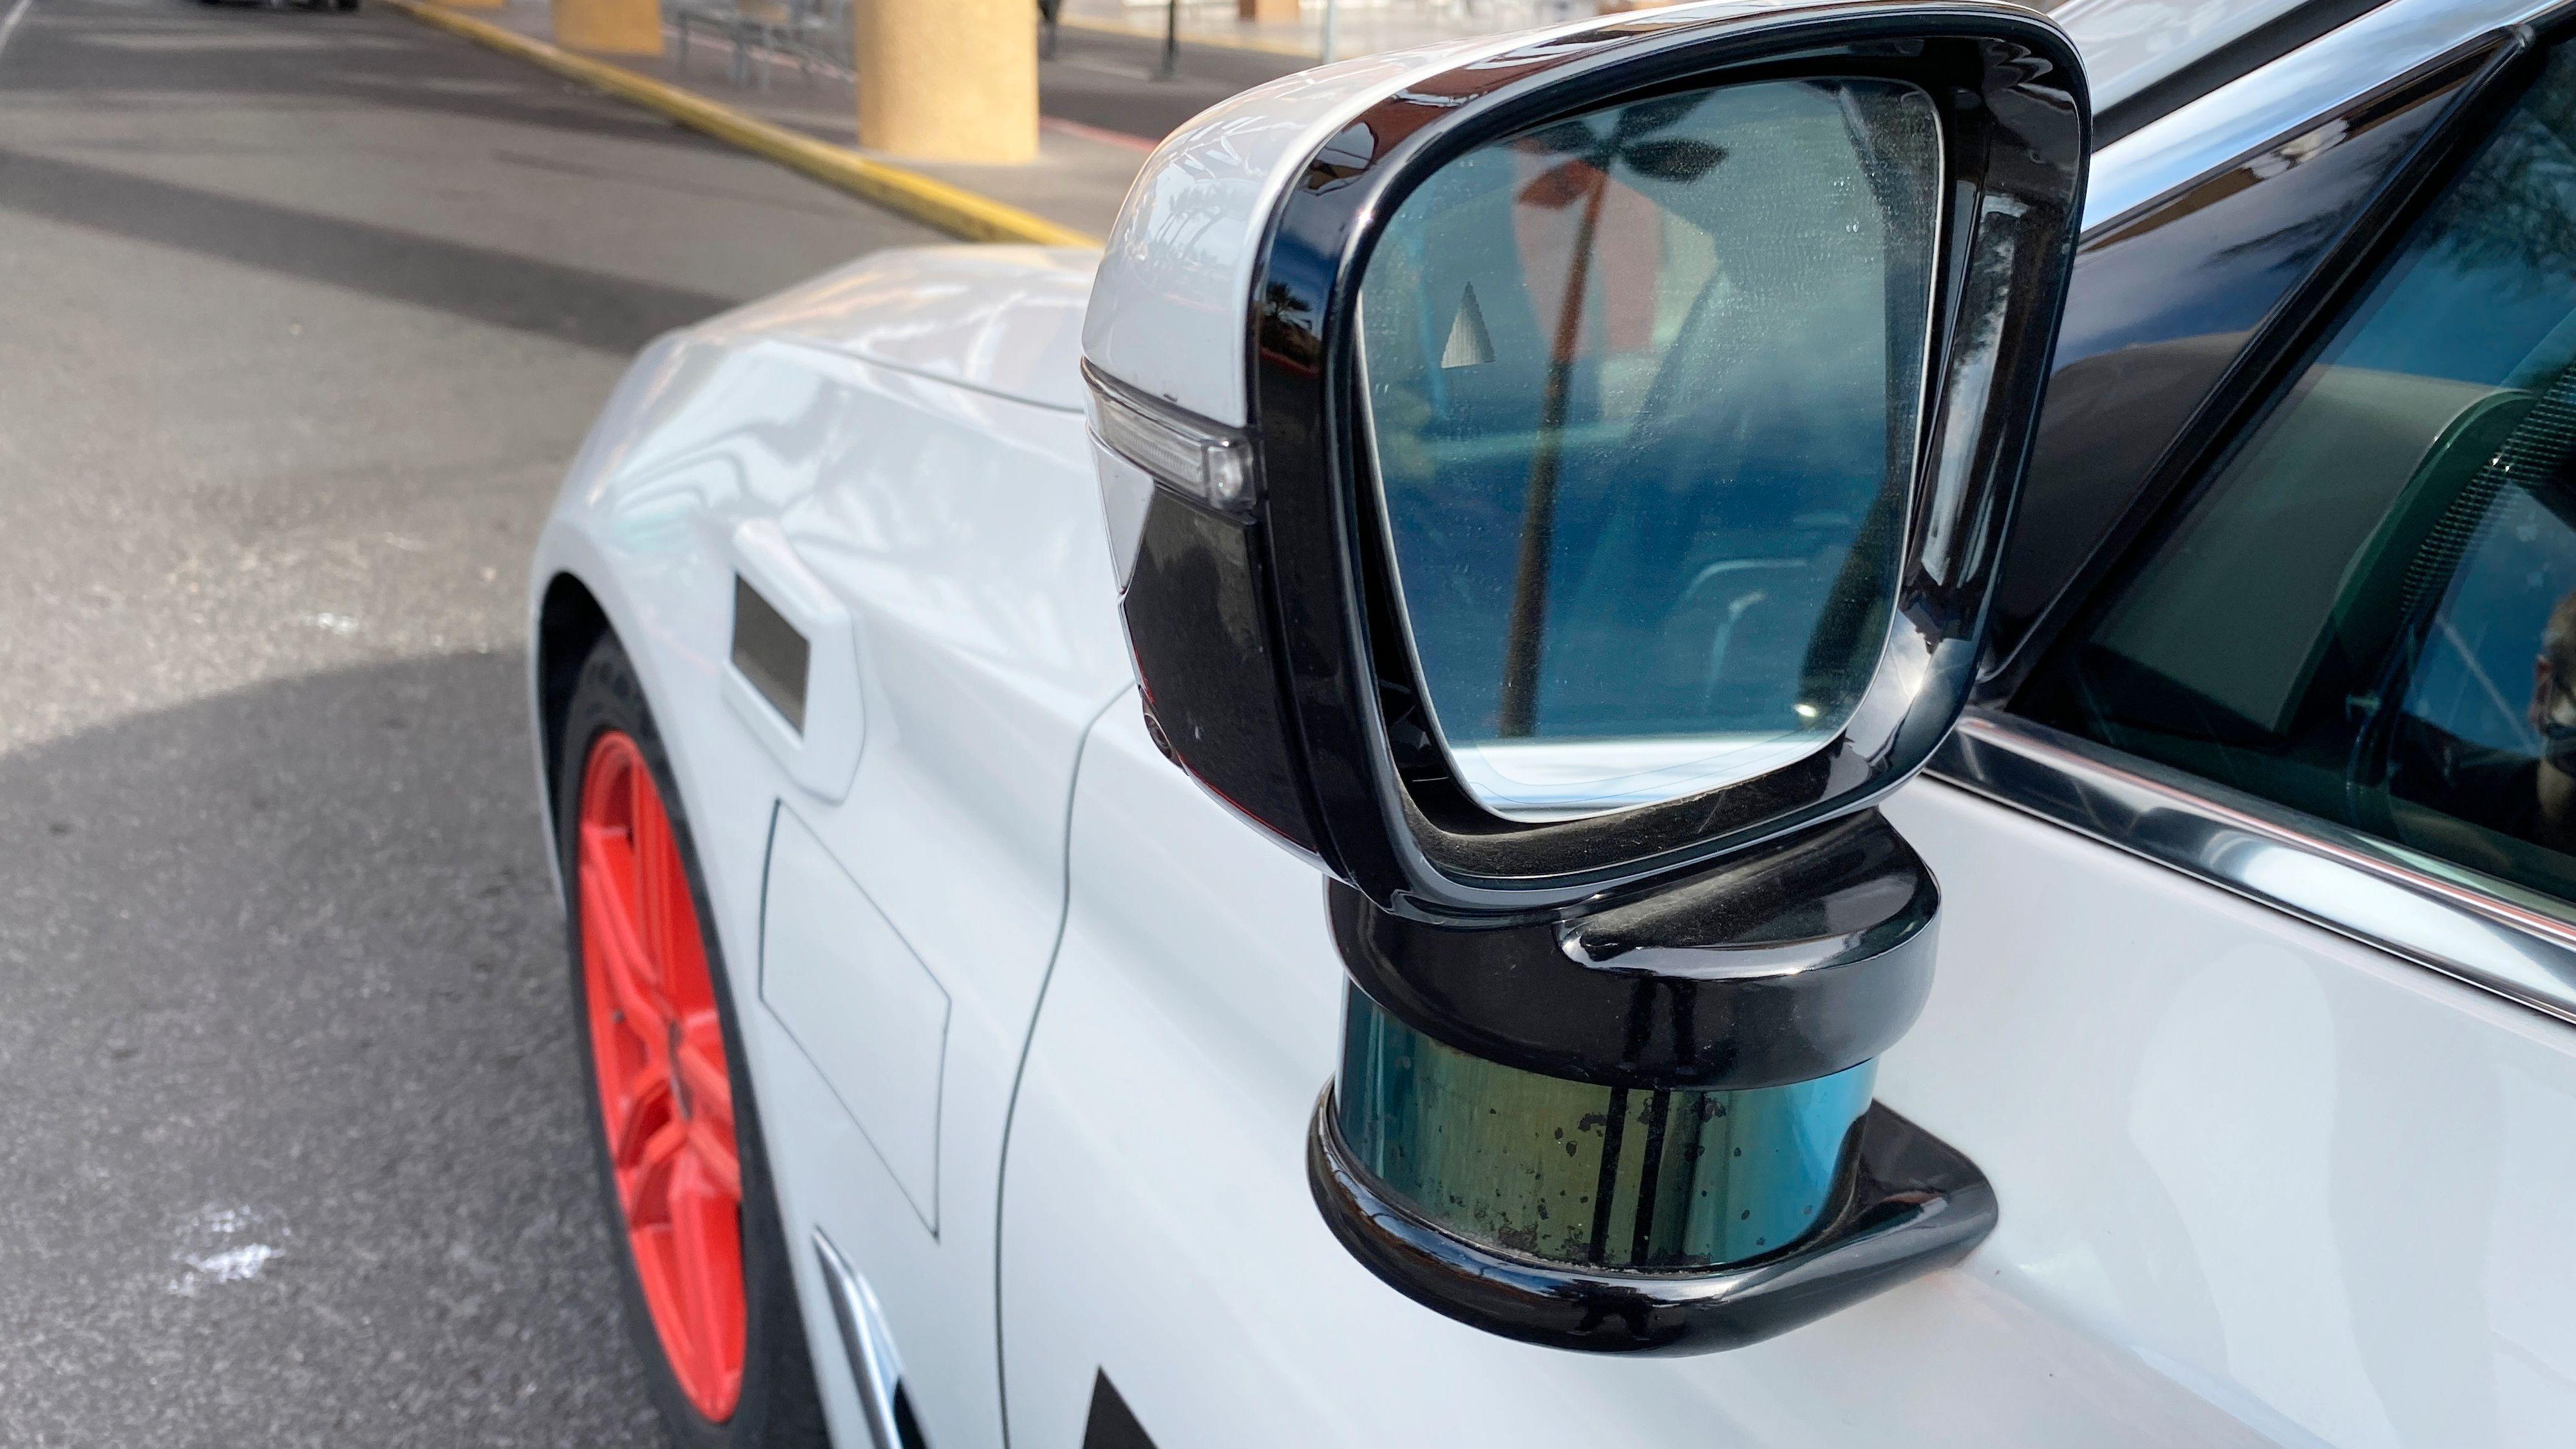 I motsetning til mange andre mer eller mindre selvkjørende biler har Aptiv-bilene ganske få synlige instrumenter utvendig.